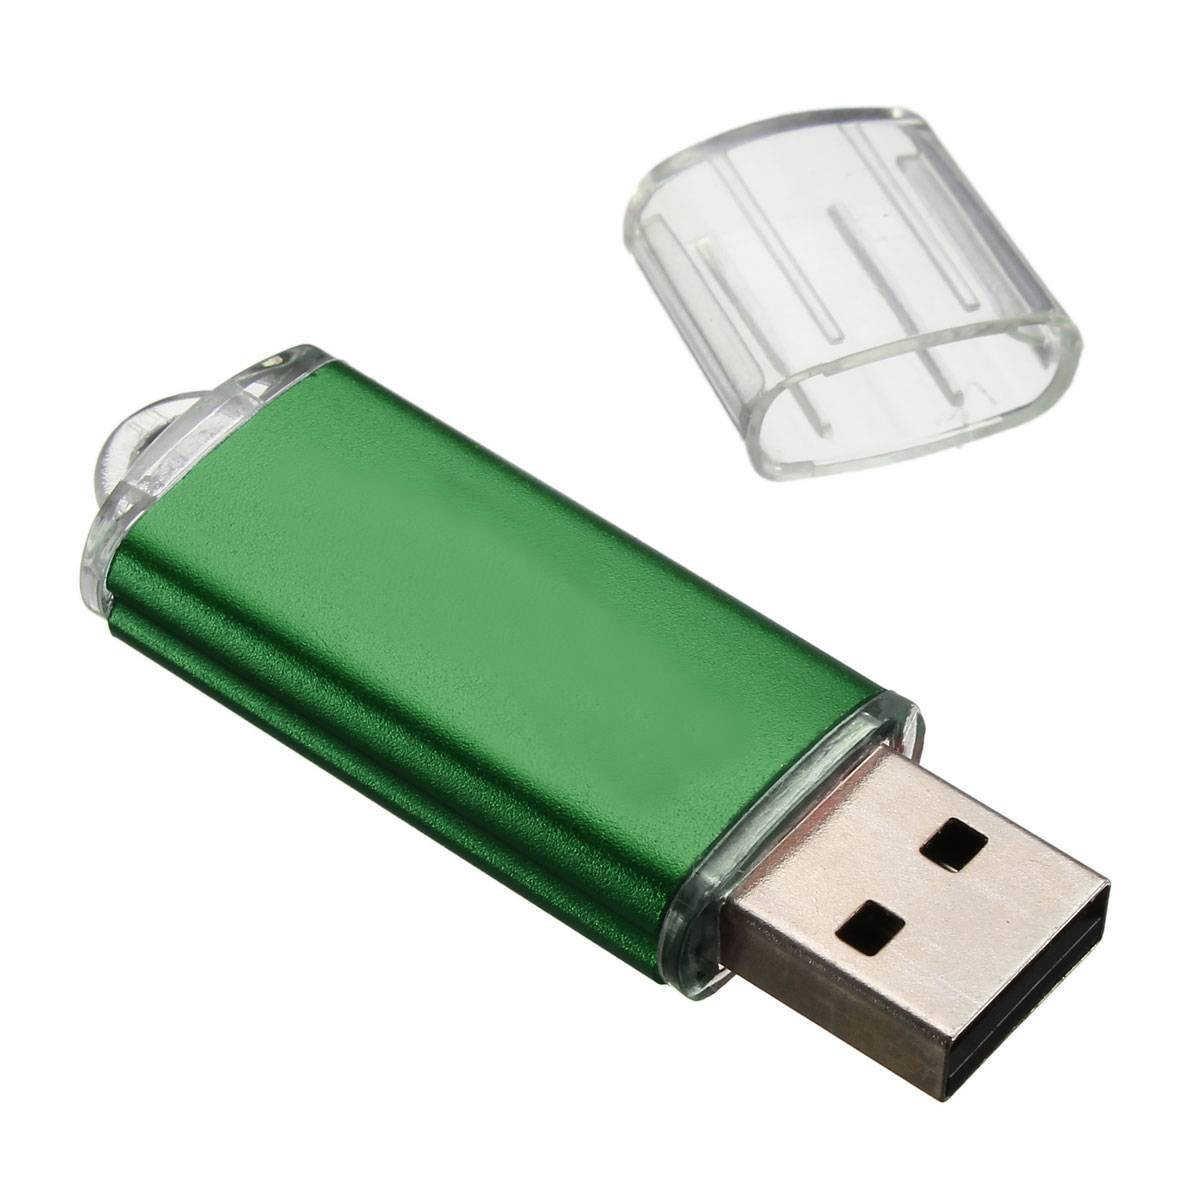 256 MB USB 2.0 dyski typu flash